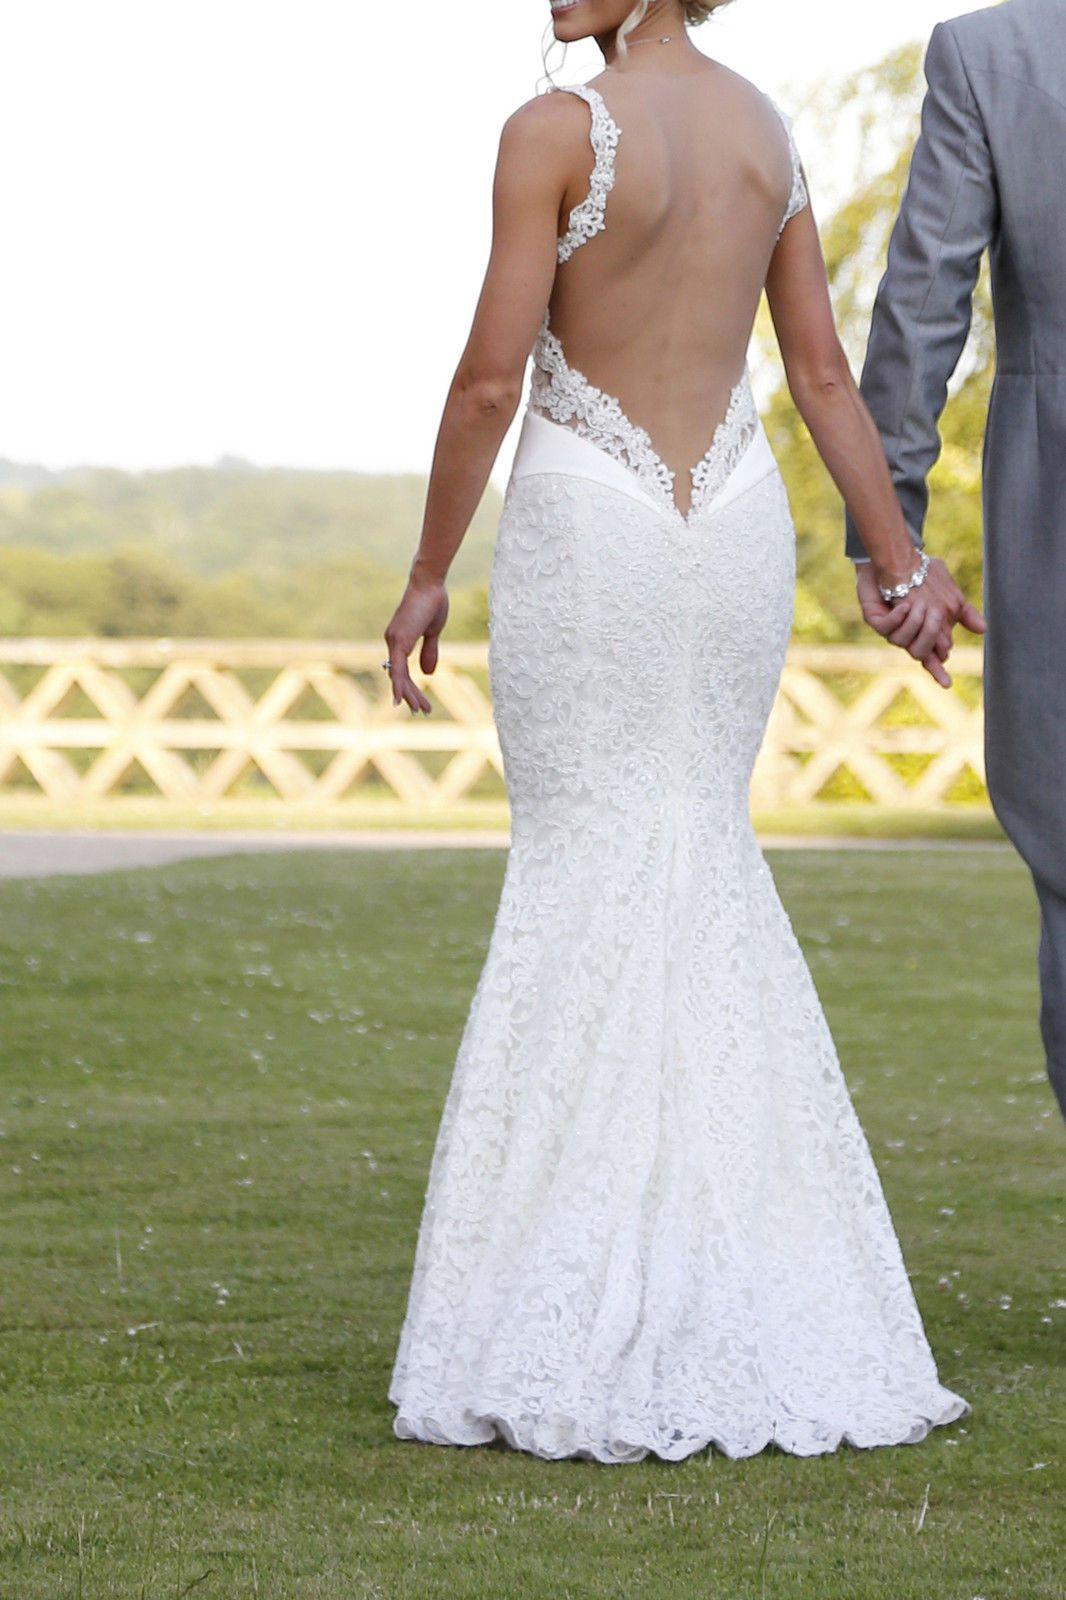 Galia Lahav Wedding Dress Style Name Is Amy French Lace Ivory Low Back Size 8 Ebay